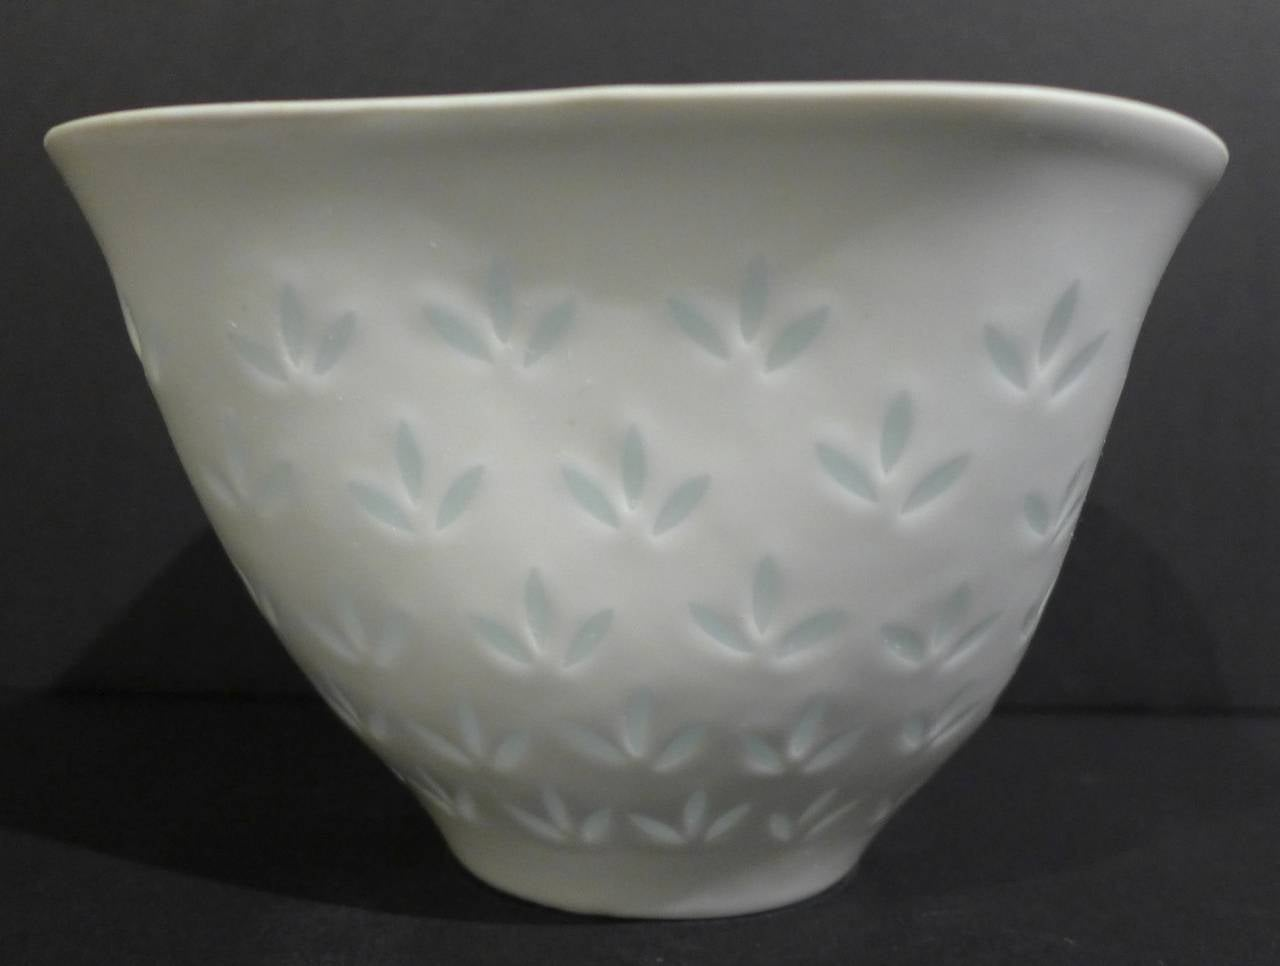 Finnish Rice Porcelain Bowl by Friedl Kjellberg for Arabia